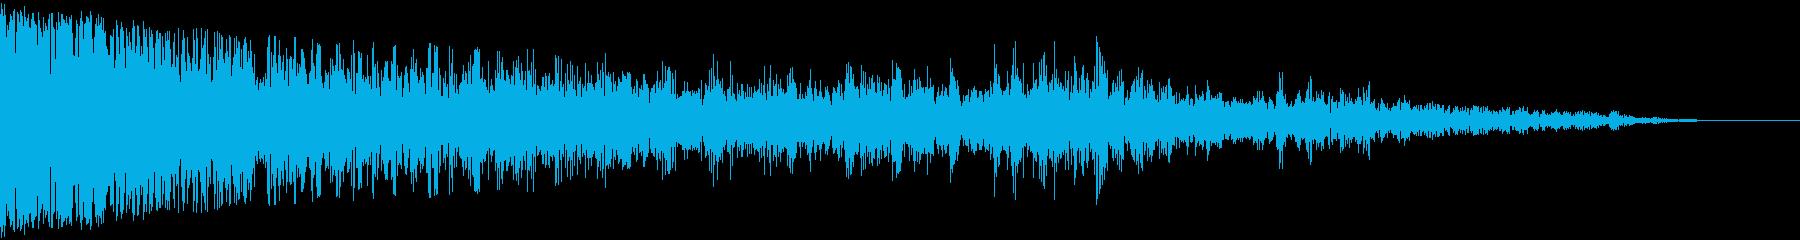 【爆発】 11 バーンッ・・・ 戦争の再生済みの波形